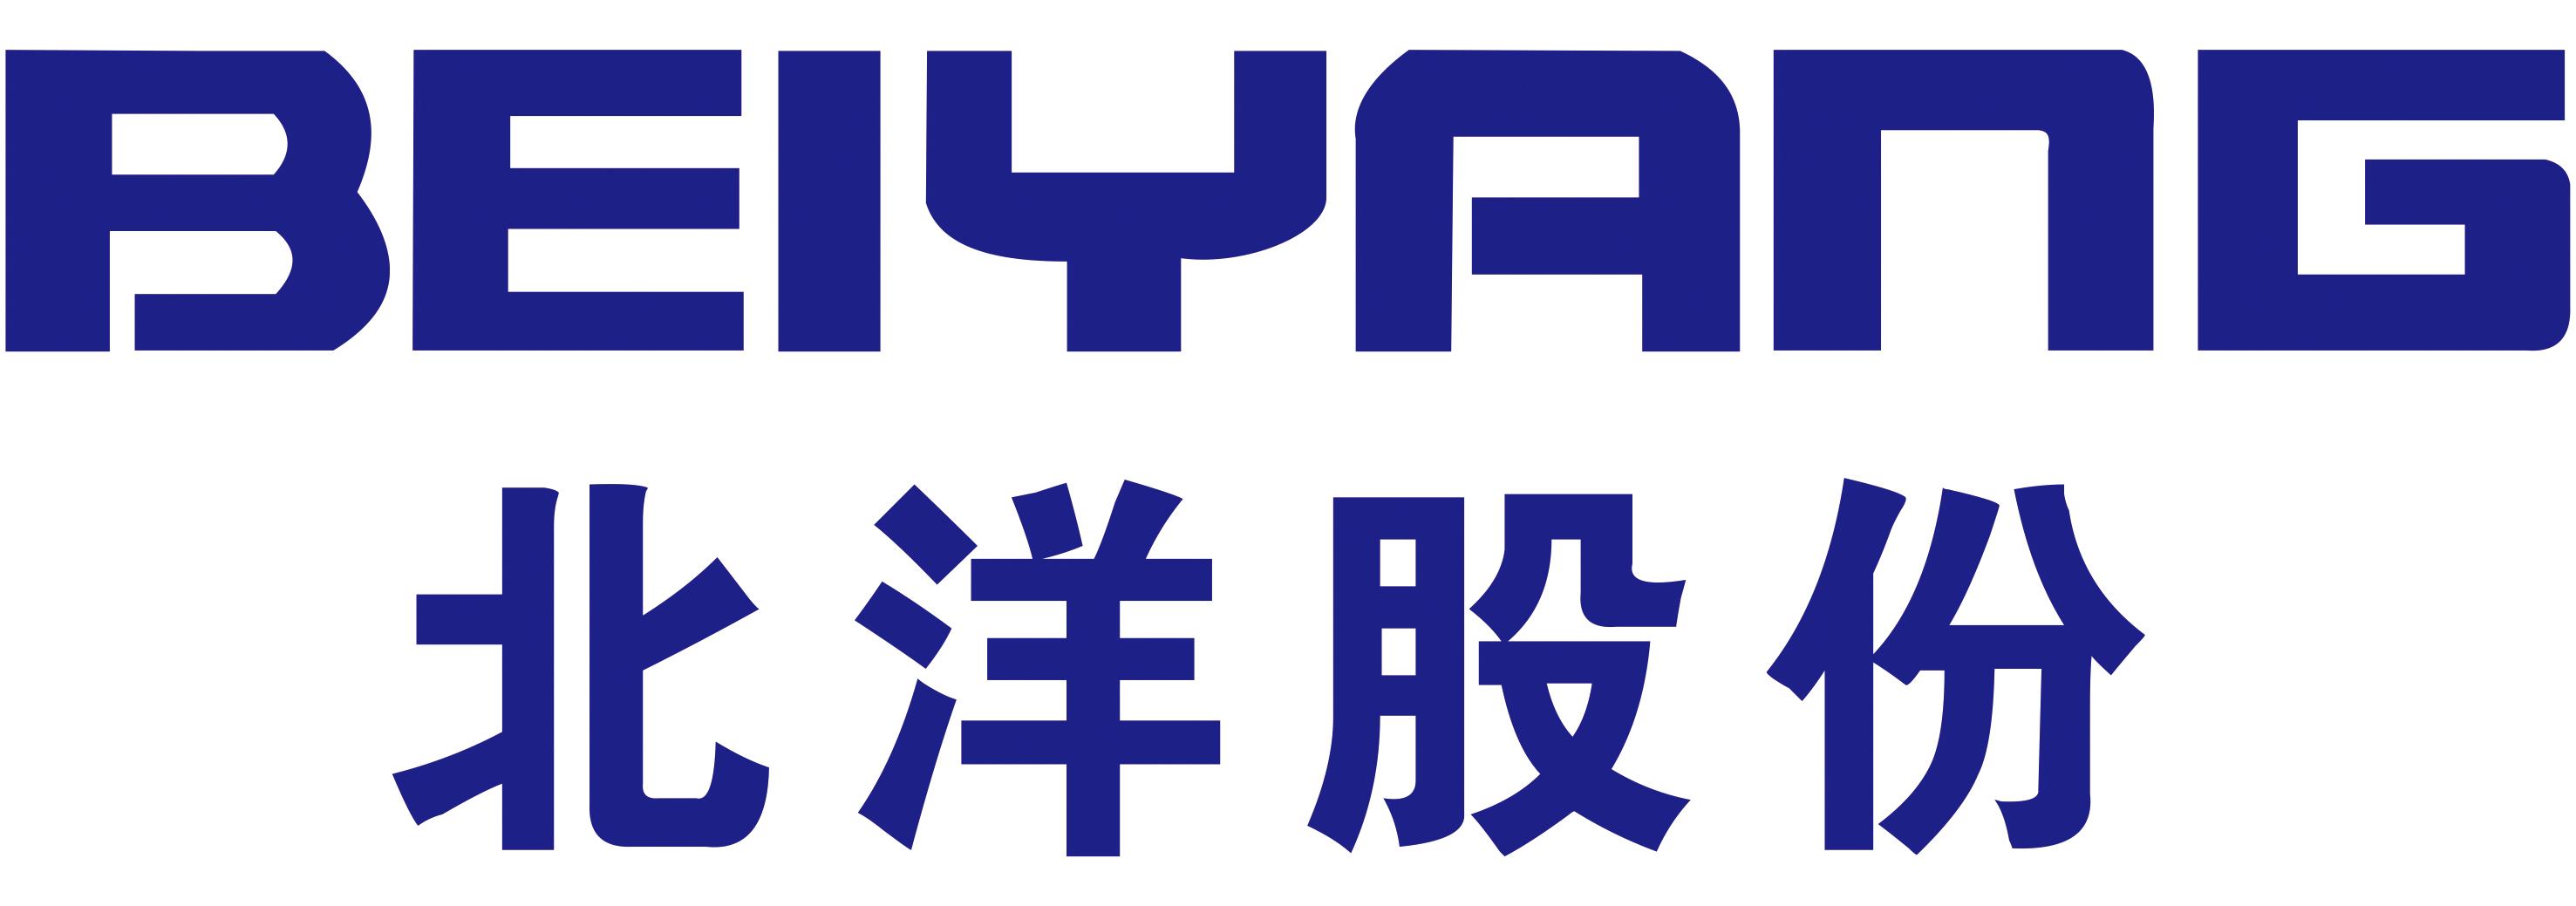 威海北洋光电信息技术股份公司-深圳物联网展会